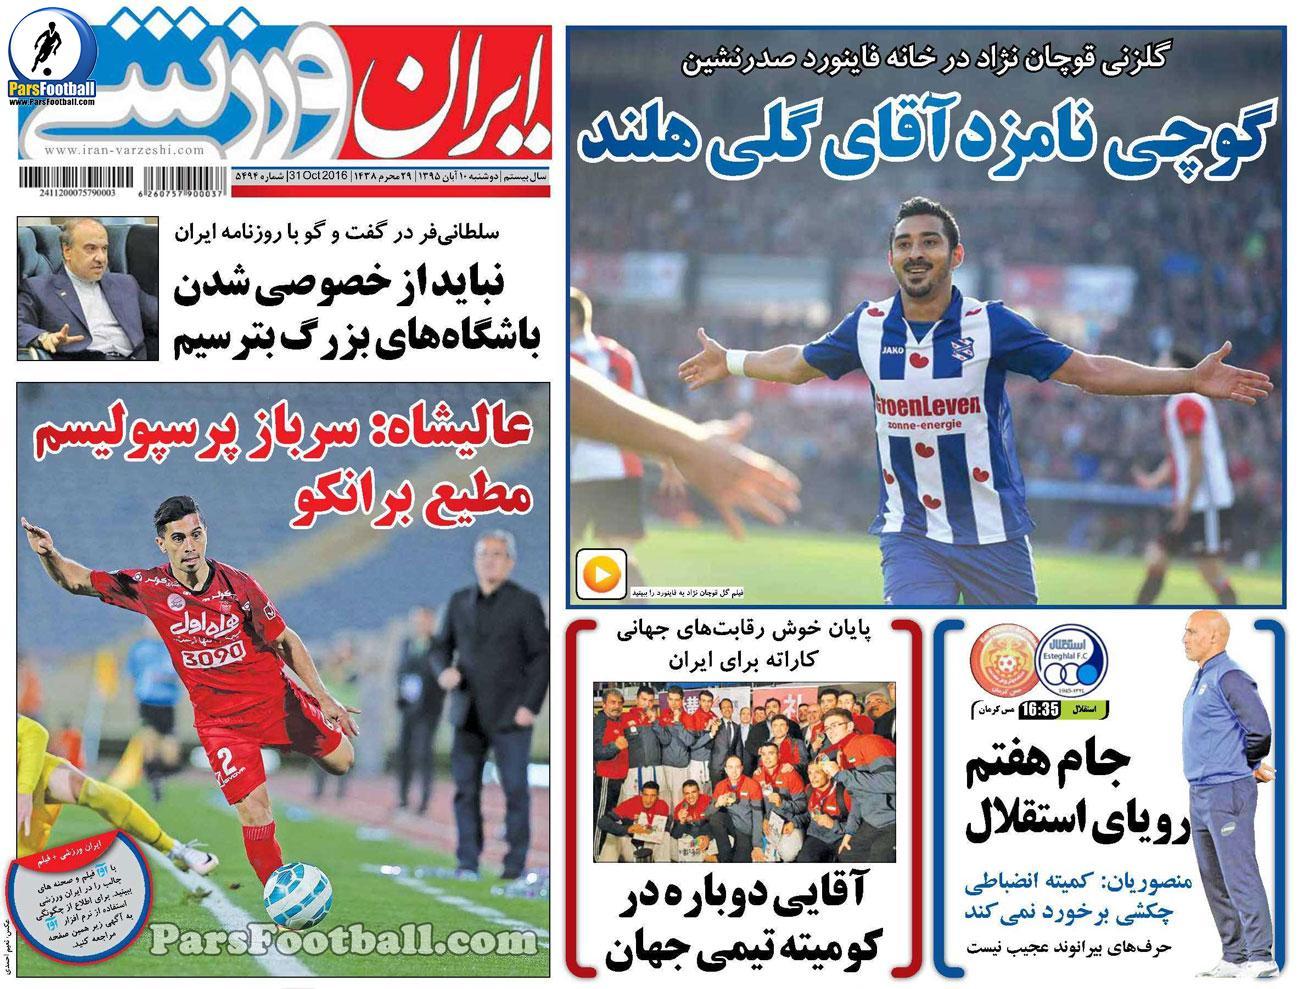 جلد روزنامه ایران ورزشی دوشنبه 10 آبان 95